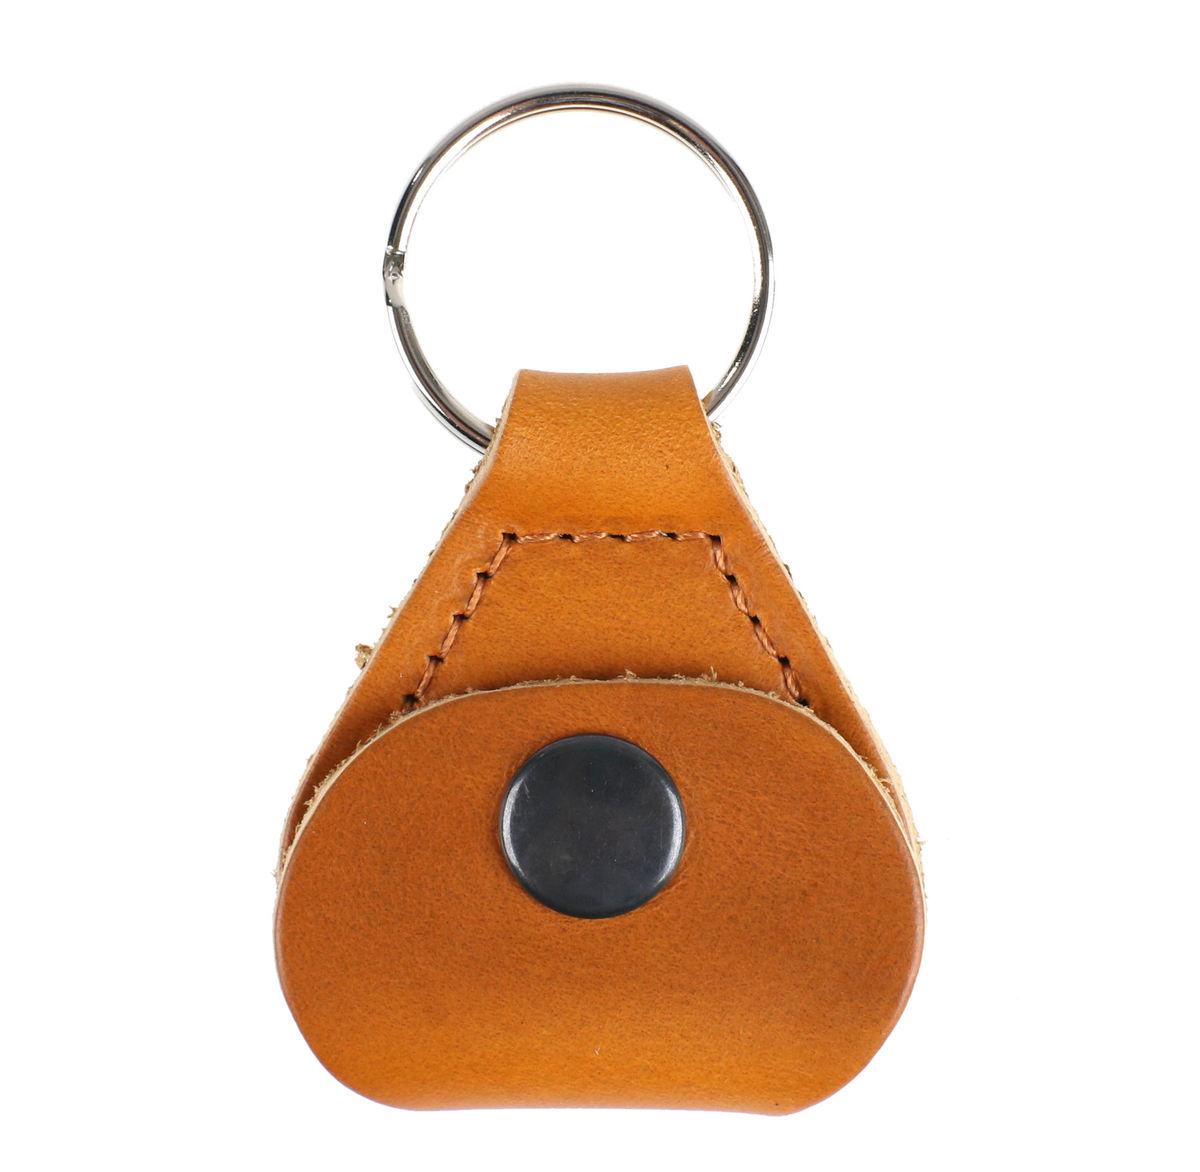 kľúčenka (puzdro na trsátko) PERRIS LEATHERS - Sunflower - 7139-6